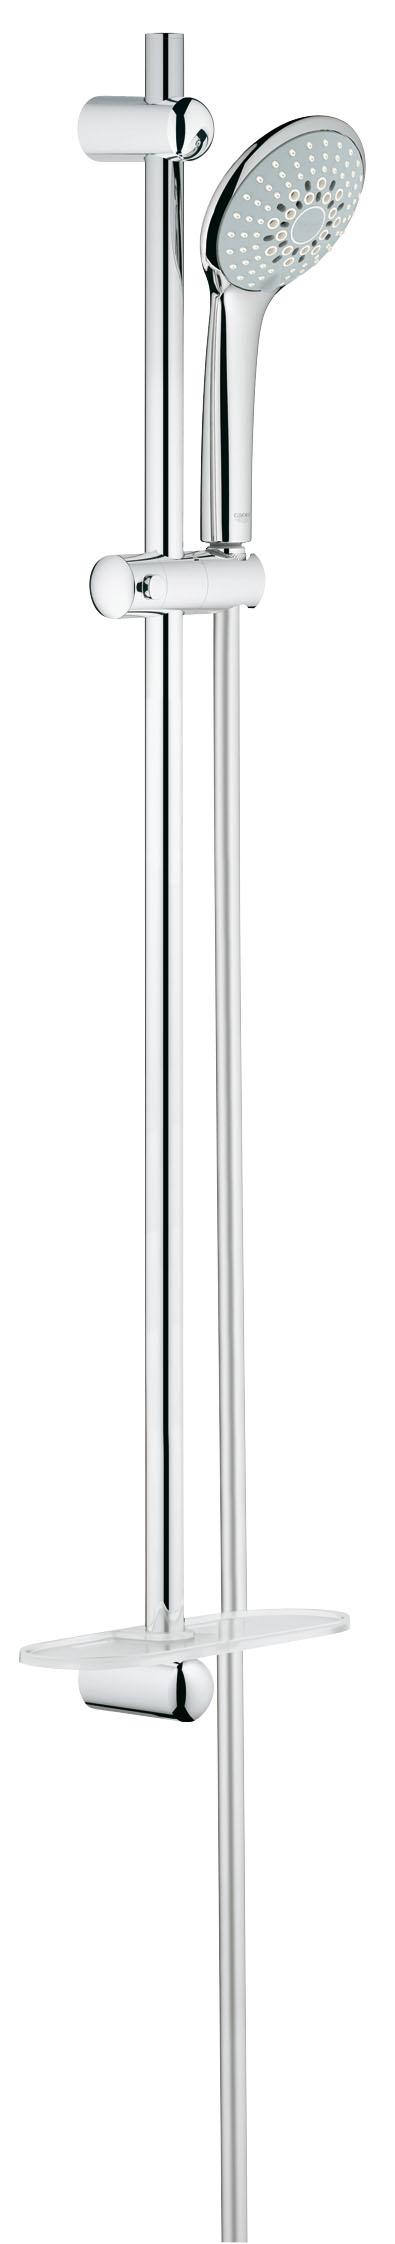 Душевой комплект GROHE Euphoria, штанга 900мм. (27227001)27227001Включает в себя: Ручной душ Champagne (27 222 000) Душевая штанга 900 мм (27 500 000) GROHE QuickFix (регулируемое расстояние между настенными креплениями штанги позволяет использовать для монтажа уже имеющиеся отверстия в стене) Душевой шланг 1750 мм (28 388 000) Полочка GROHE EasyReach™ (27 596 000) GROHE DreamSpray превосходный поток воды GROHE SprayDimmer GROHE StarLight хромированная поверхность С системой SpeedClean против известковых отложений Внутренний охлаждающий канал для продолжительного срока службы Twistfree против перекручивания шланга Видео по установке является исключительно информационным. Установка должна проводиться профессионалами!